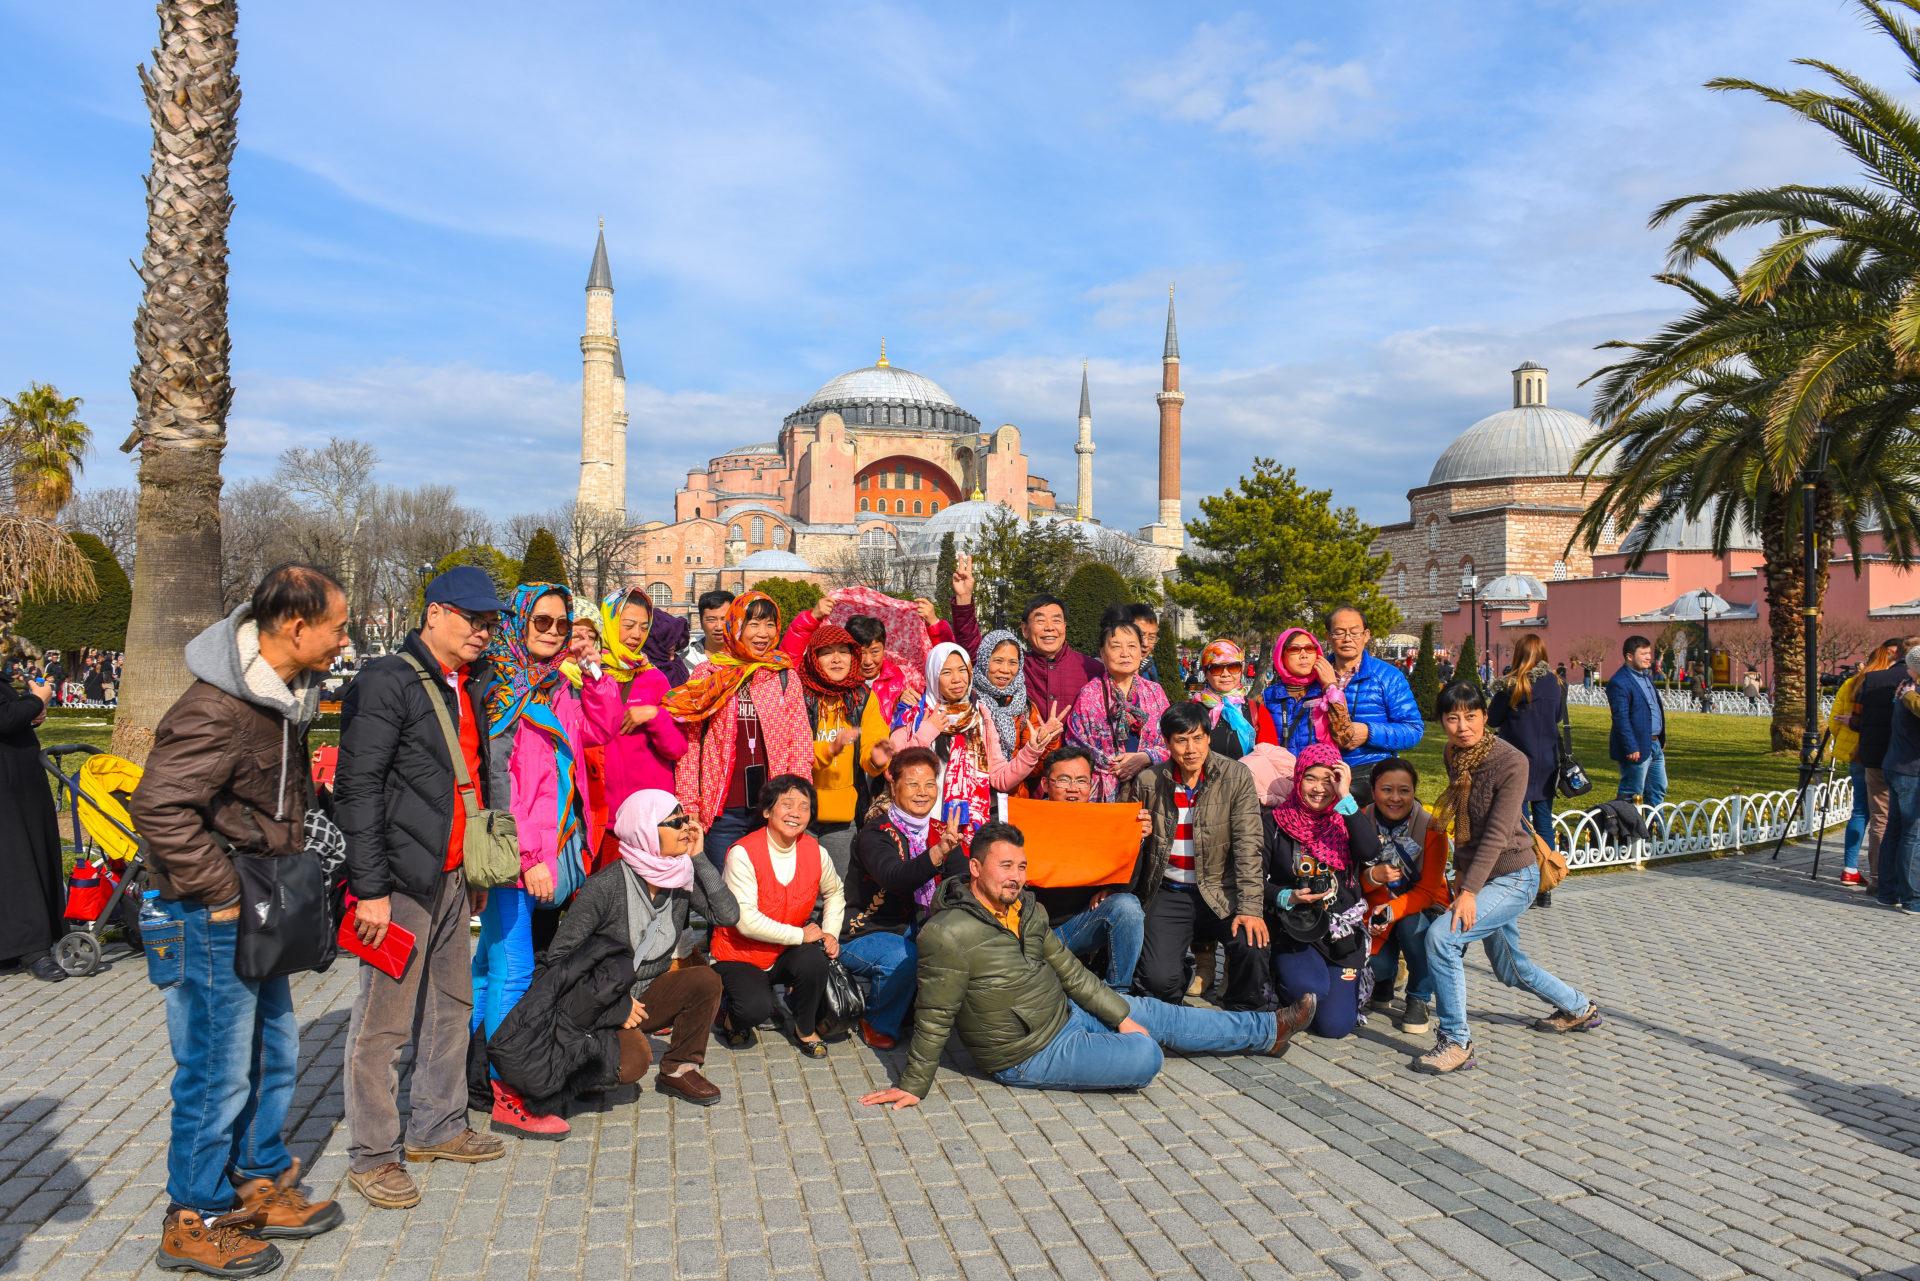 تركيا: ما بين السياحة العائلية وماخفي كان أعظم